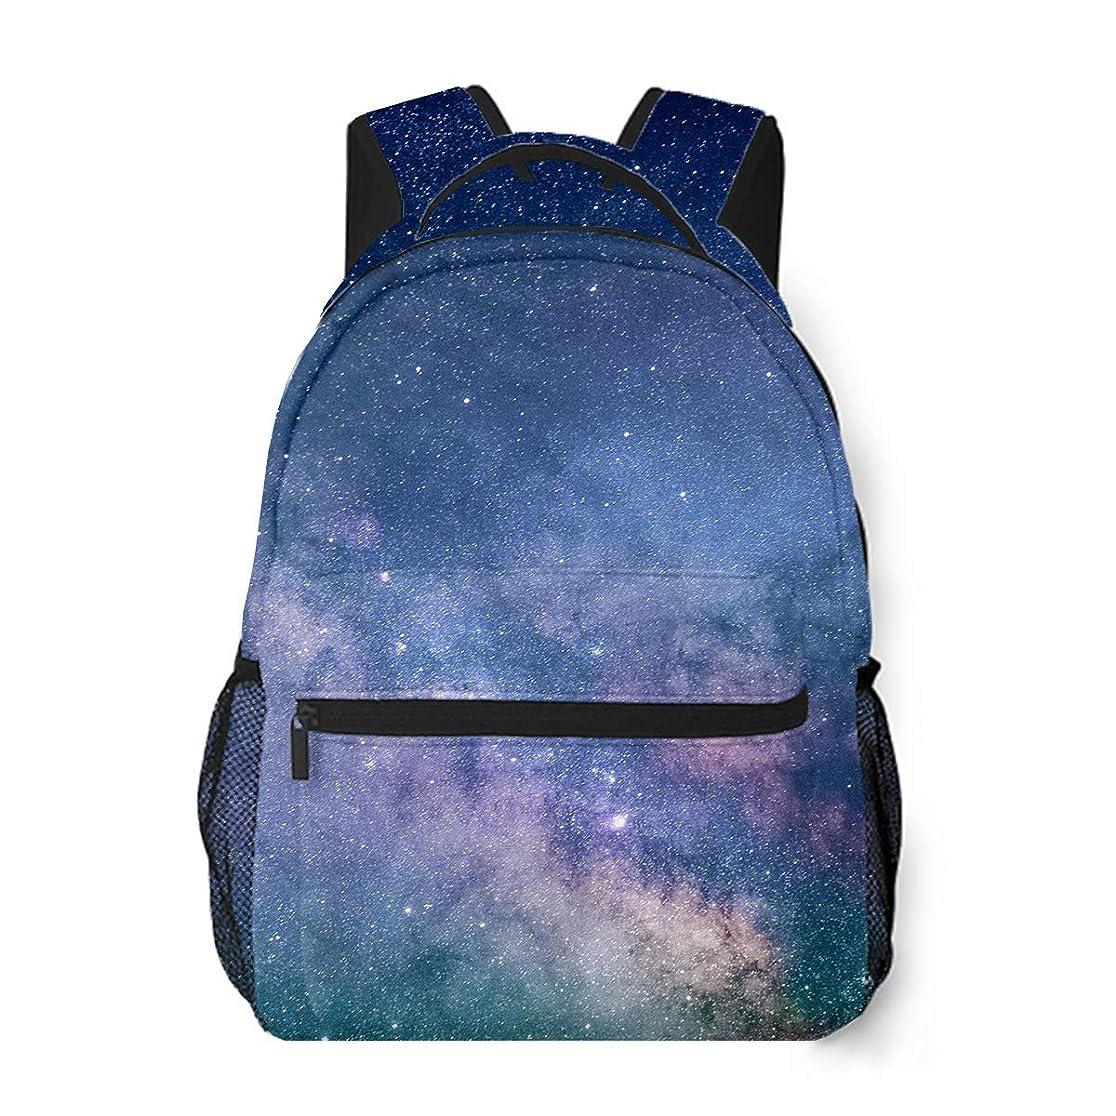 協力するフォーラム息苦しい星空の輝き カジュアルバッグ リュックショルダーバッグ おしゃれ 人気 通勤 通学 大容量 カスタム 個性的なリュックサック